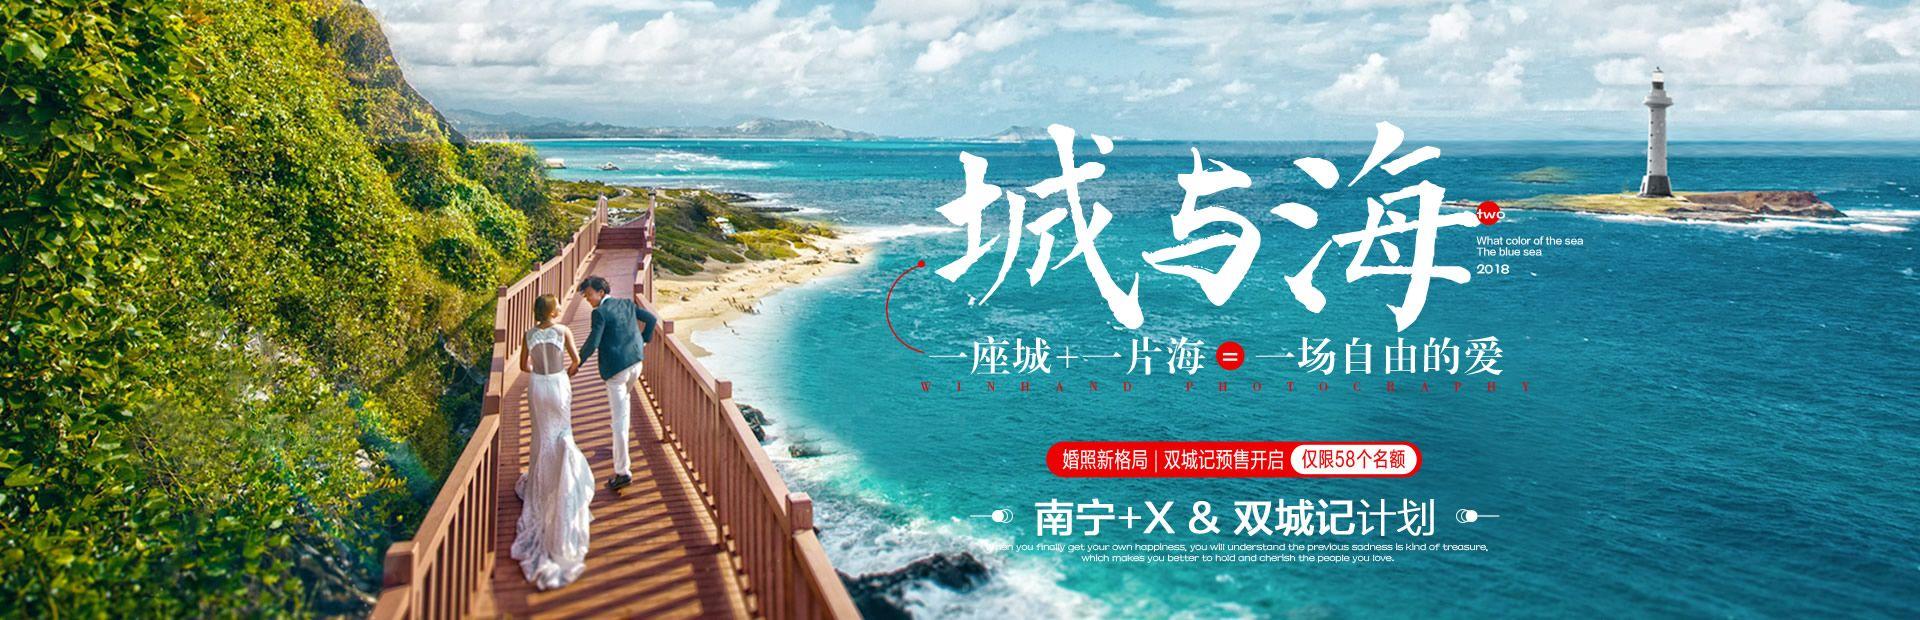 2018城与海-南宁+X&双城记(顶部幻灯片)